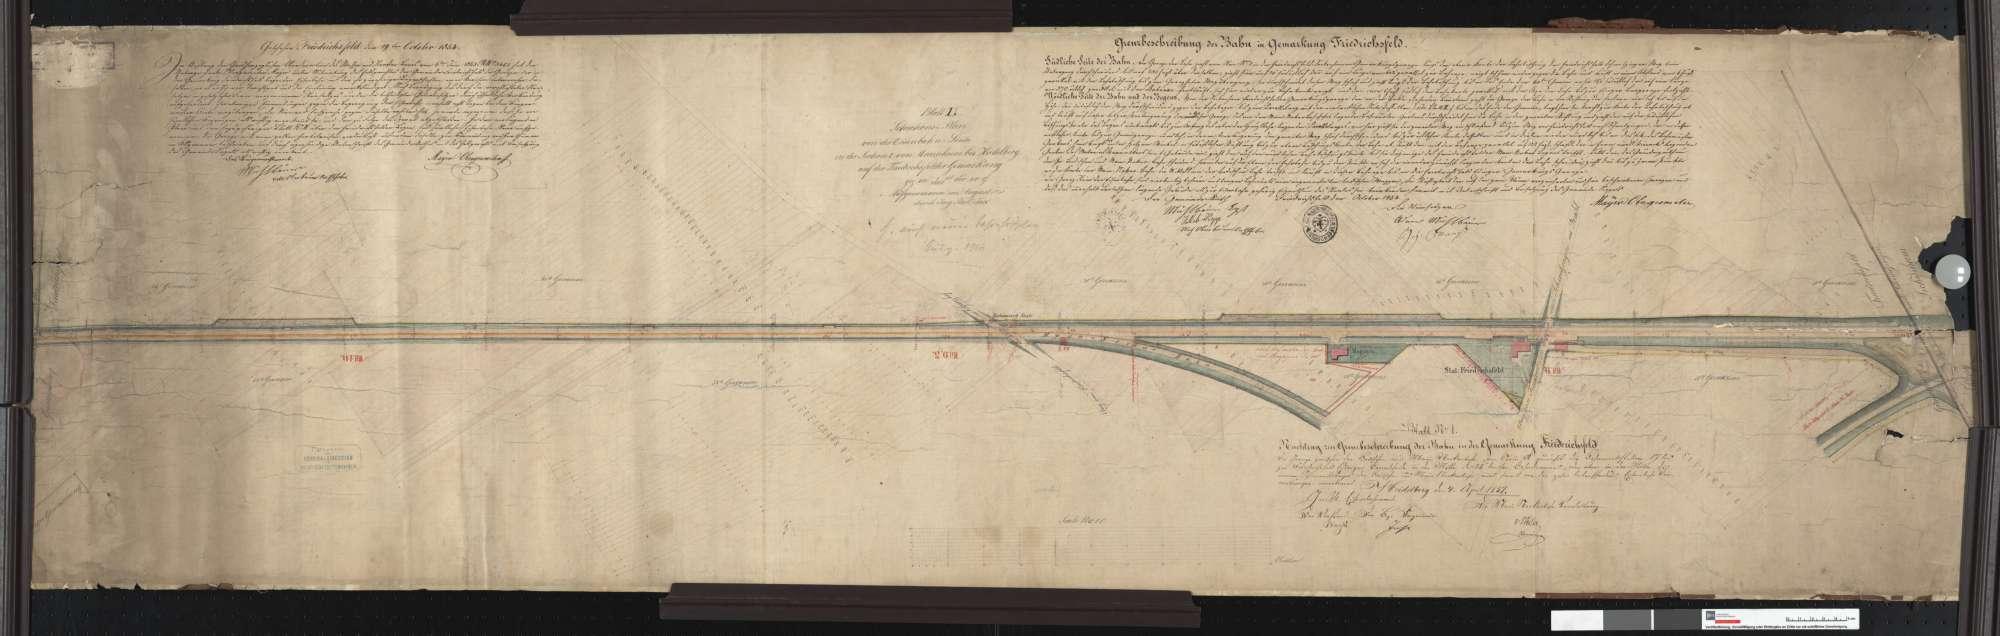 Situationsplan der Hauptbahn in der Gemarkung Friedrichsfeld Streckenausschnitt: 8,7 bis 10,2 km, Bild 1